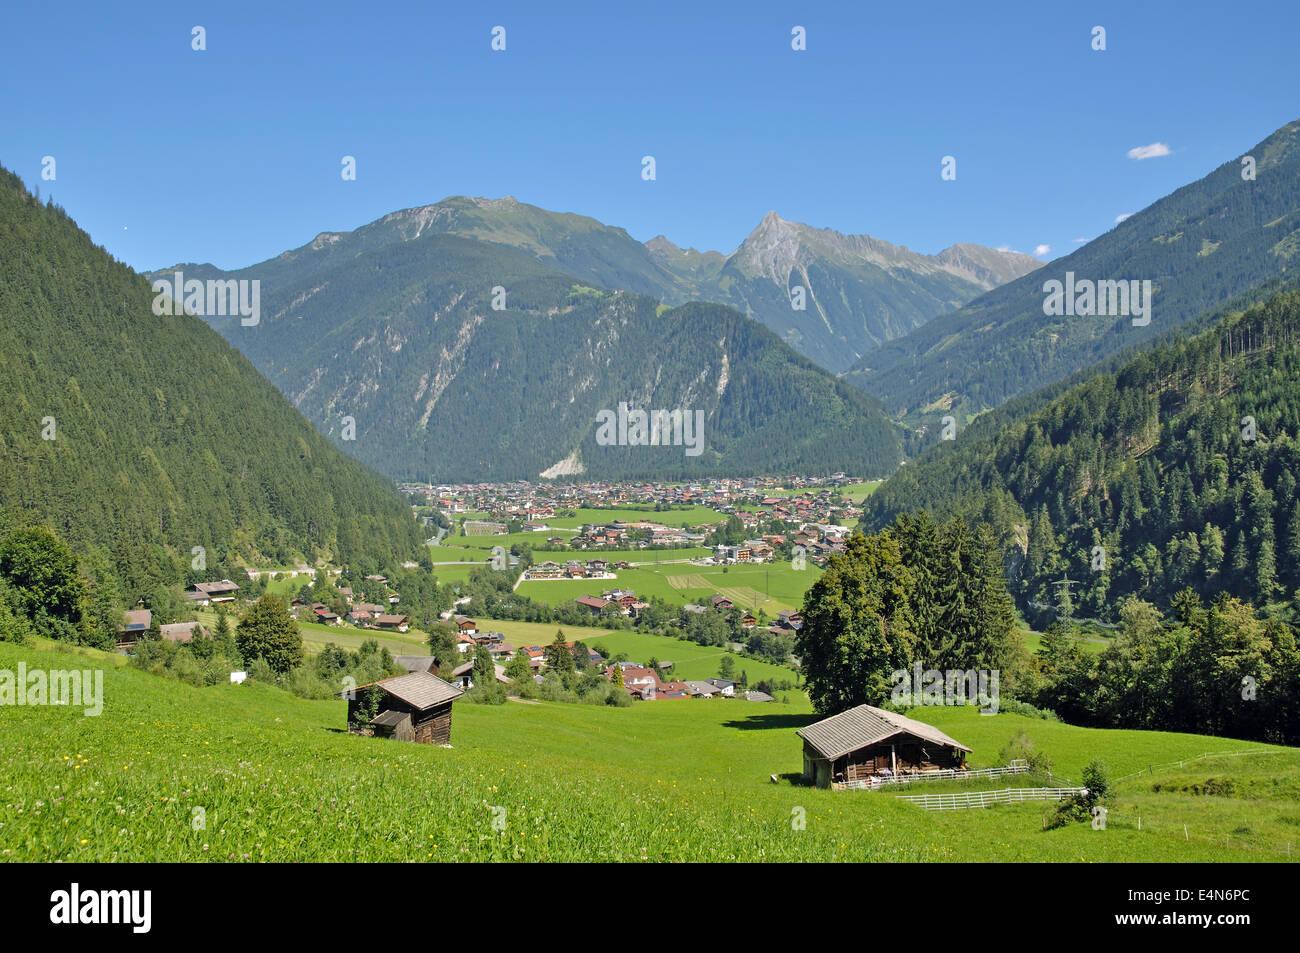 Mayrhofen,Zillertal Valley,Austria - Stock Image